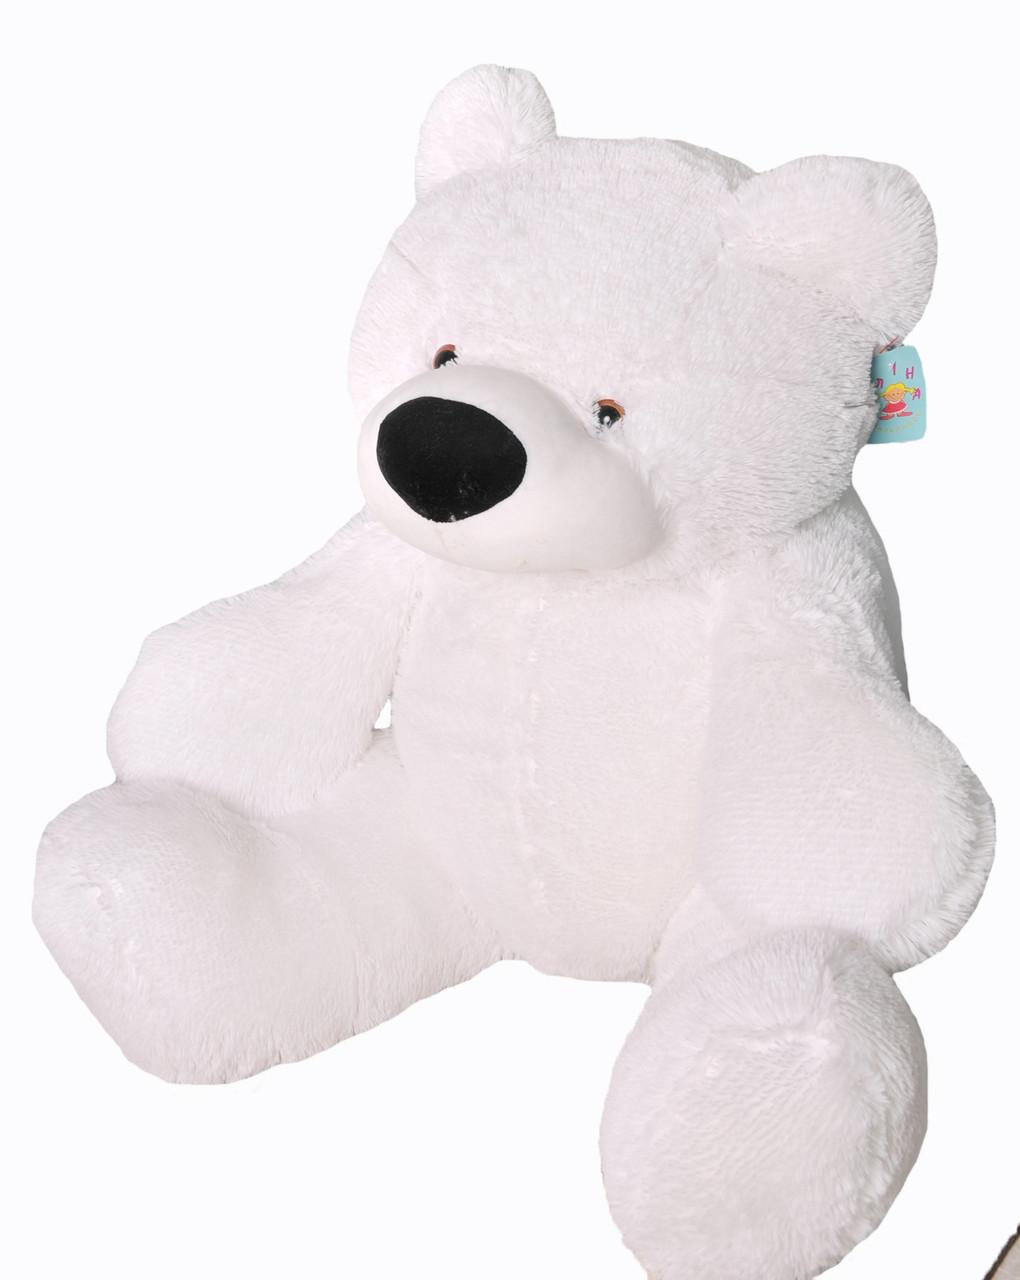 Плюшевый Медведь Алина Бублик 110 см белый, фото 1